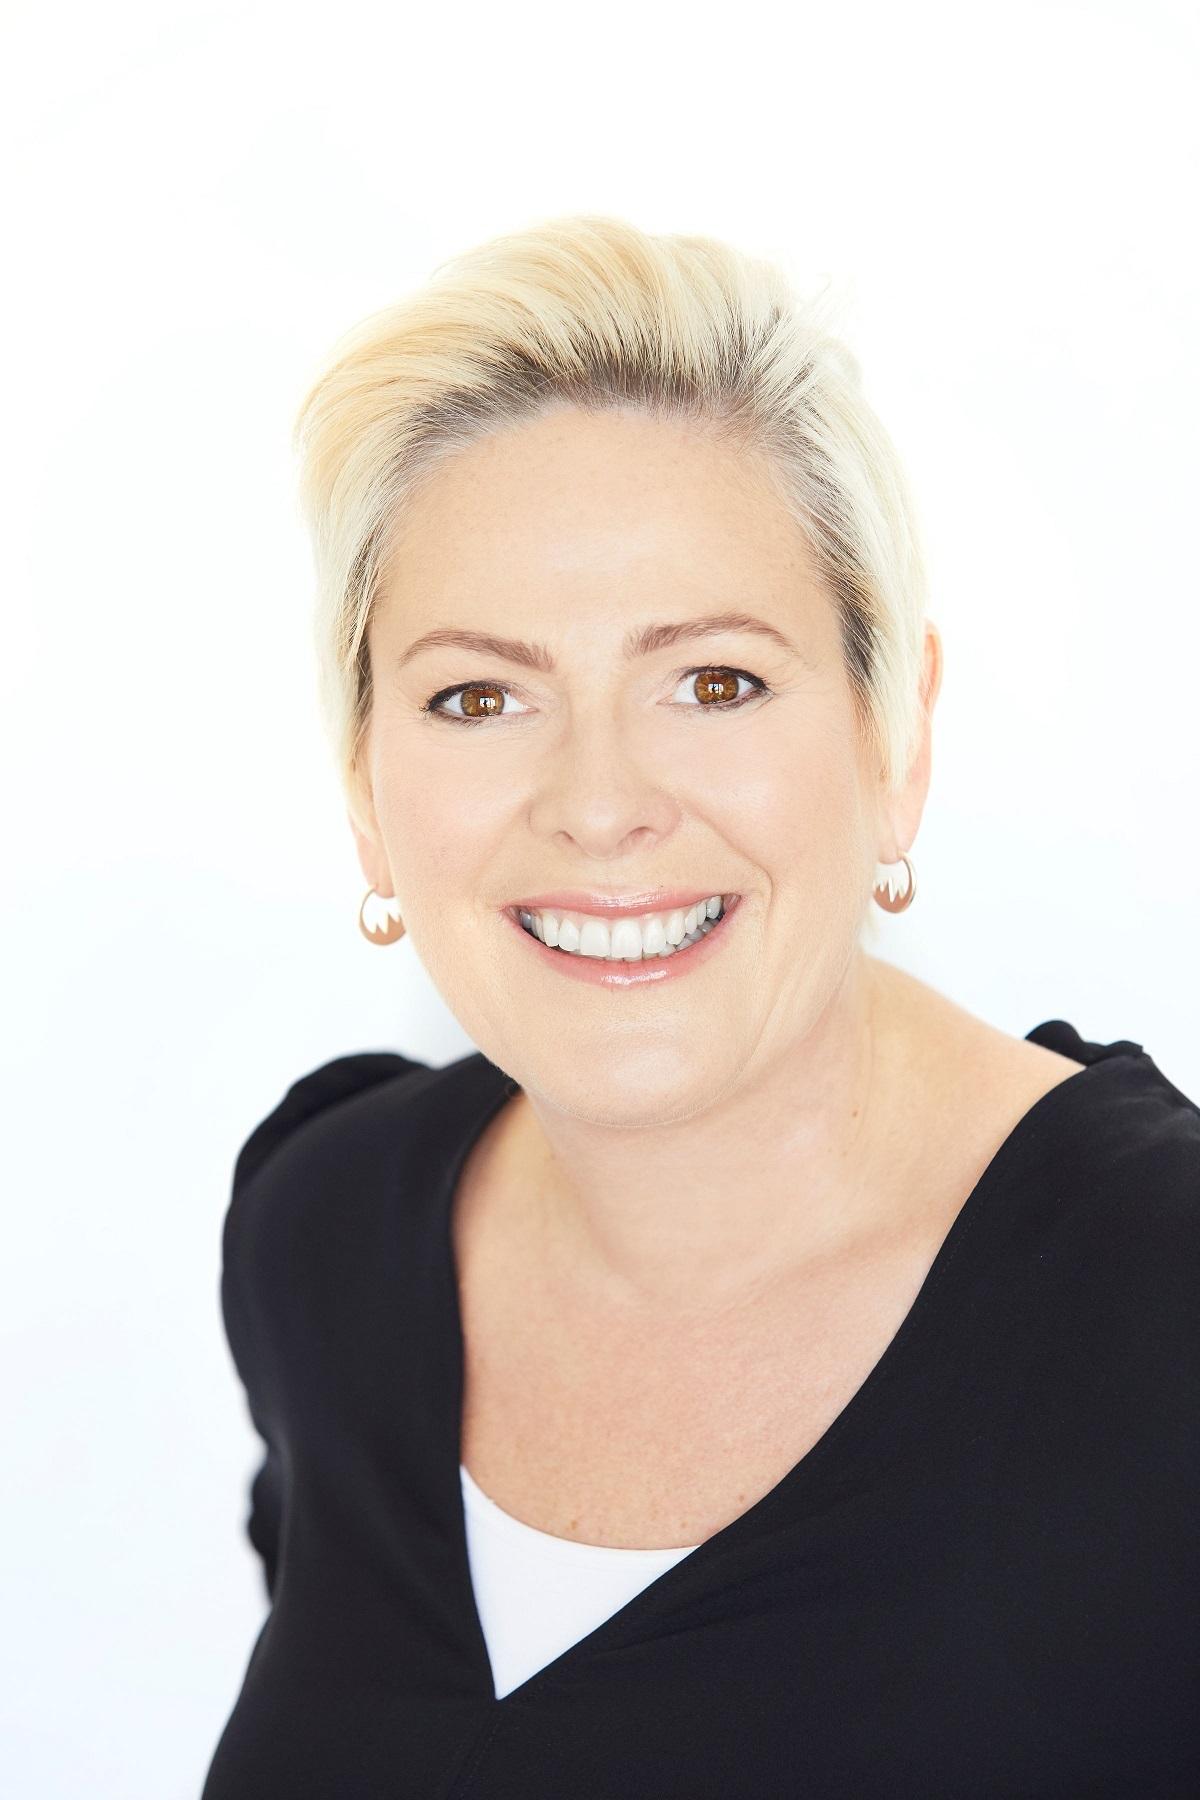 Halla Tómasdóttir, que já concorreu à presidência da Islândia em 2016, é um dos destaques do dia dedicado à Governança Corporativa